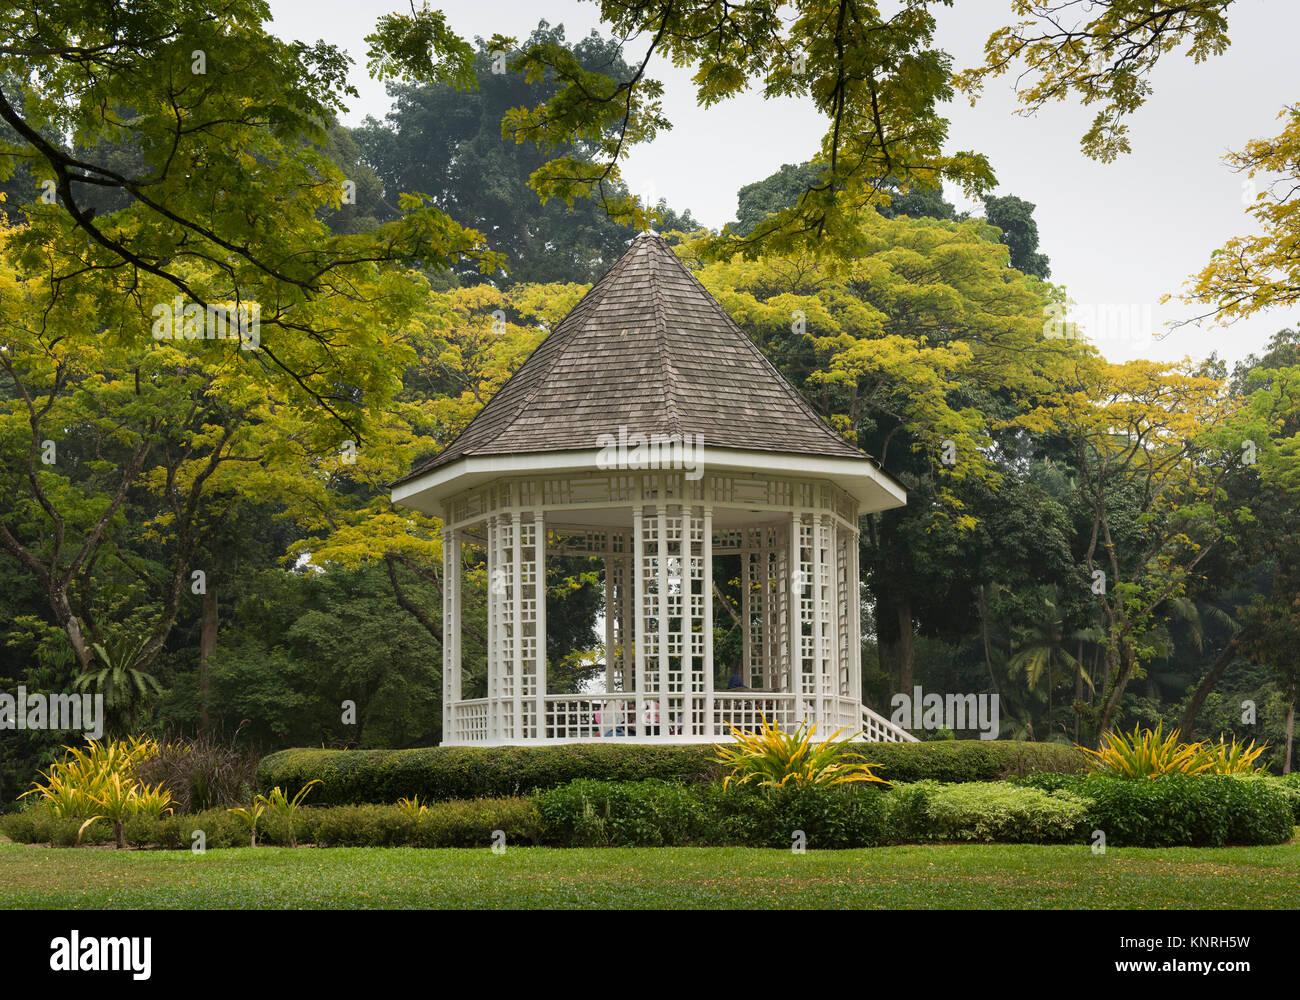 singapore botanic garden bandstand - Stock Image